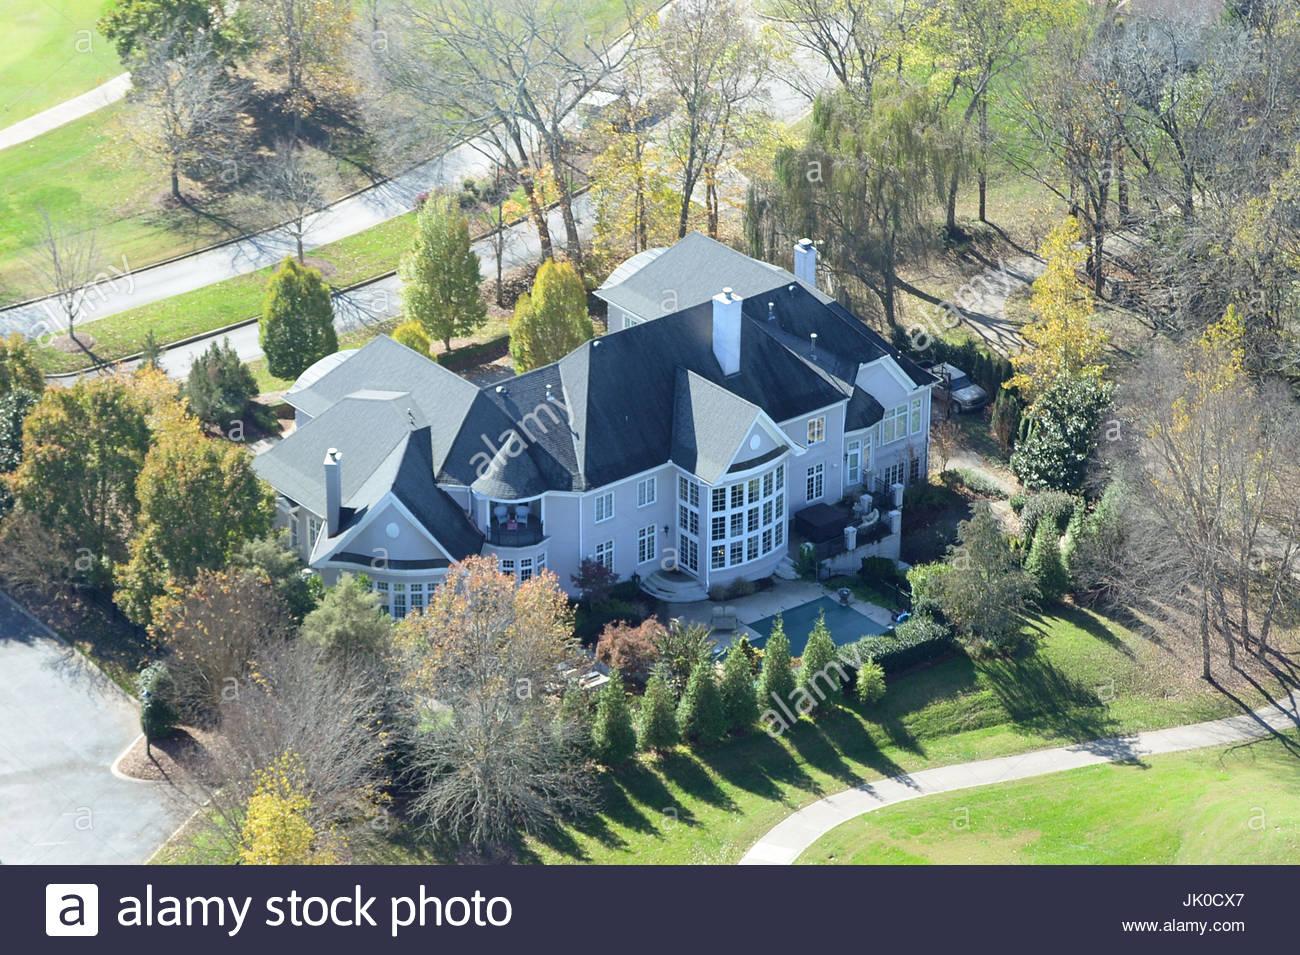 Attraktiv Miranda Lambert Und Blake Shelton. Miranda Lambert Und Blake Shelton Hause  In Governors Club, Nashville. Die 11.000 Quadratfuß Haus Befindet Sich Auf  Dem ...